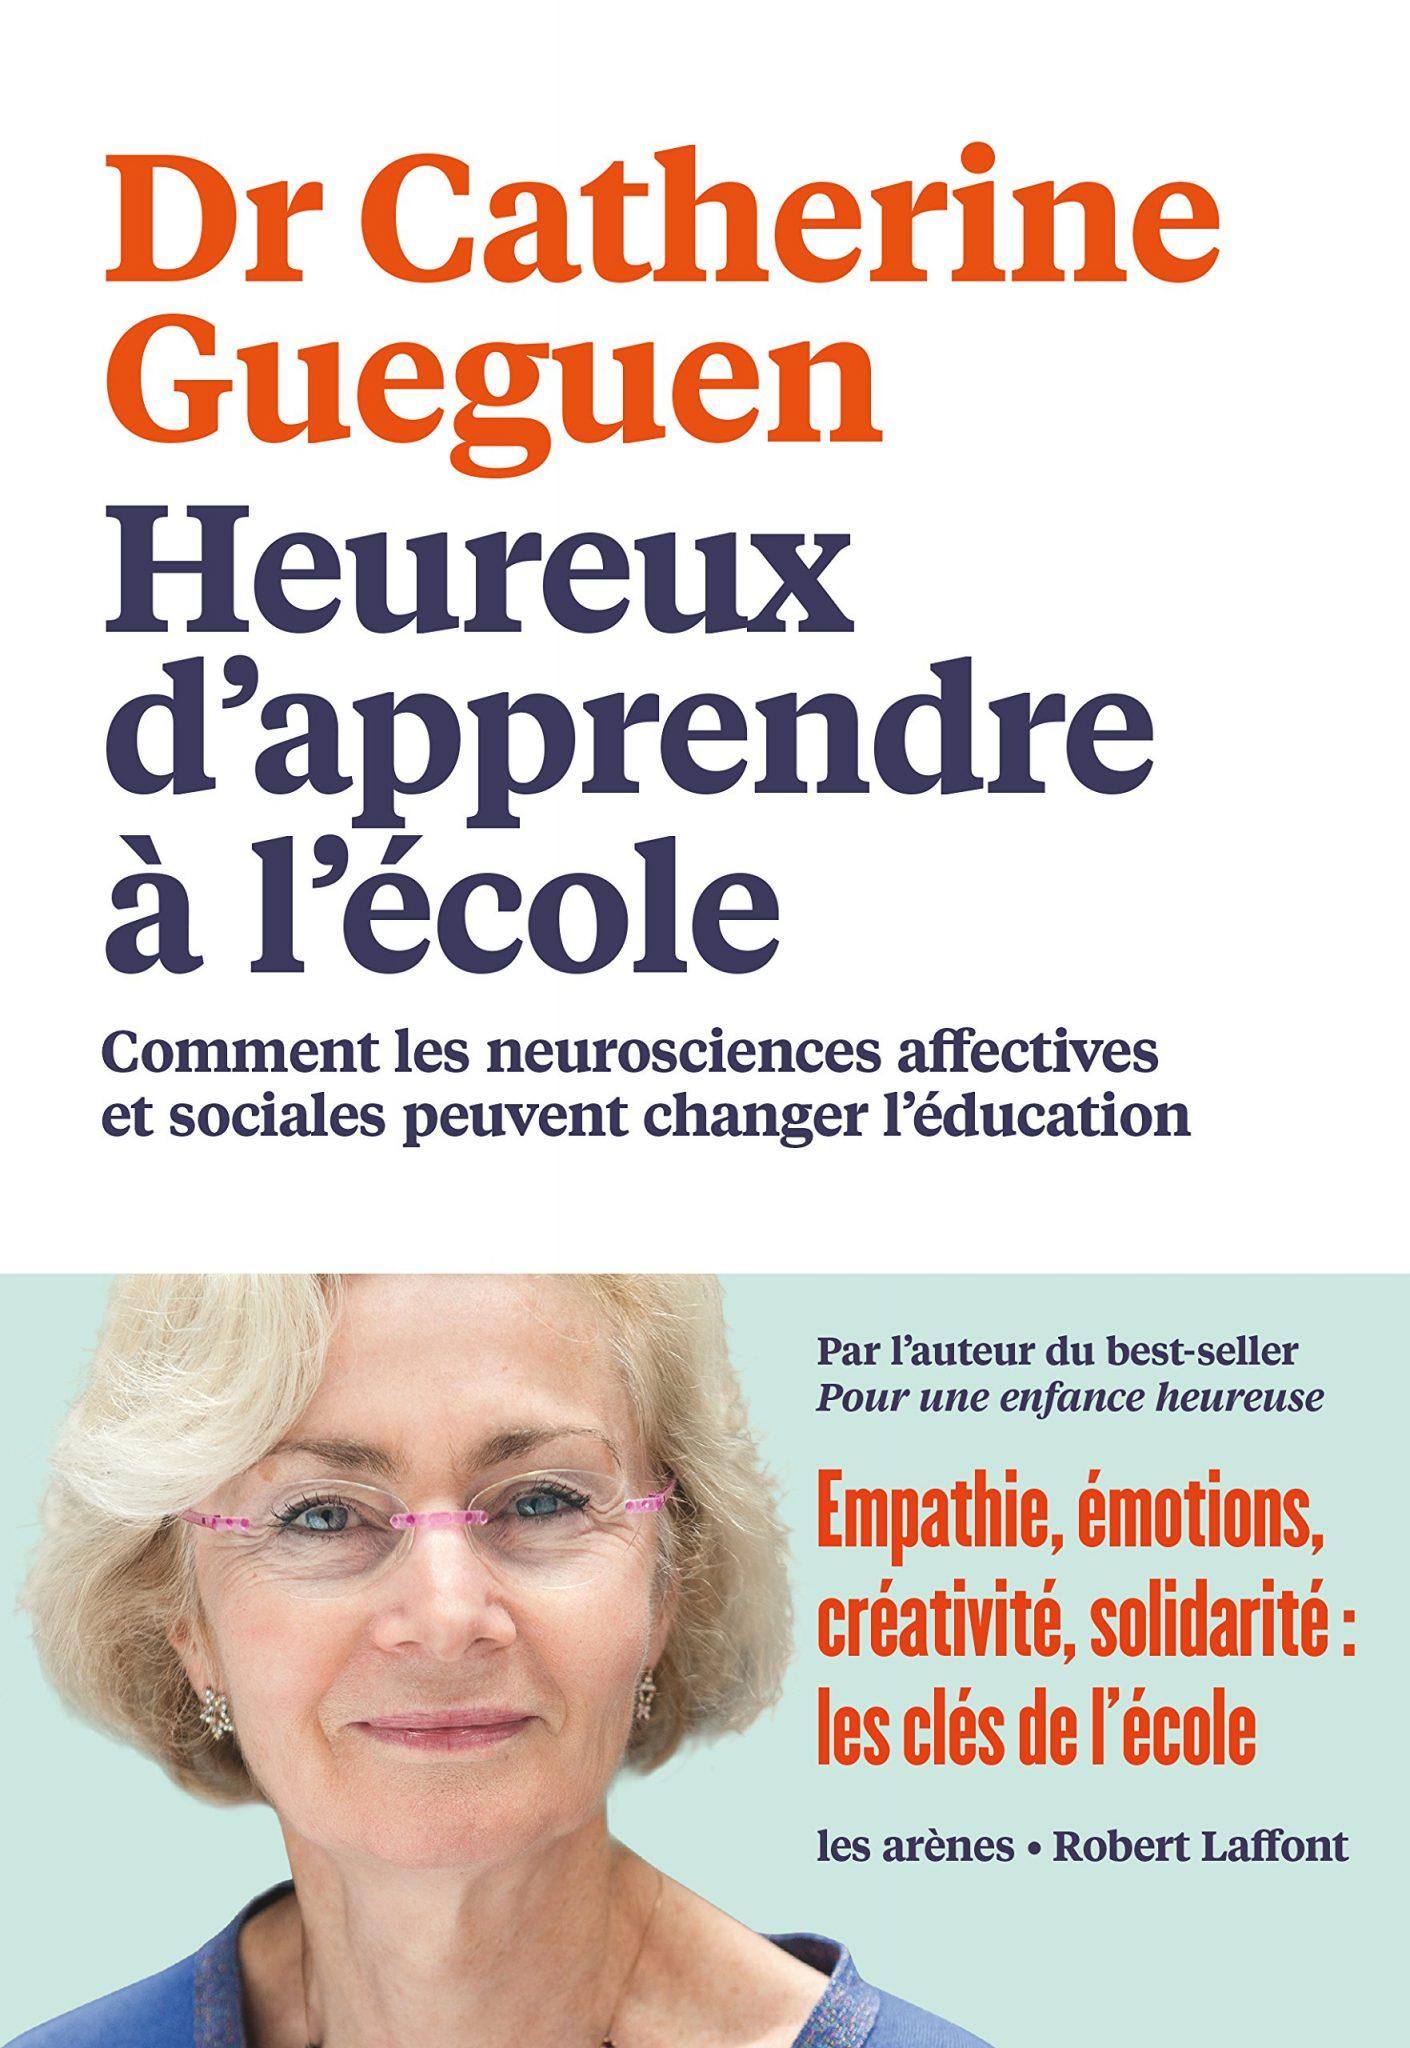 Heureux d'apprendre à l'école : le nouveau livre de Catherine Gueguen